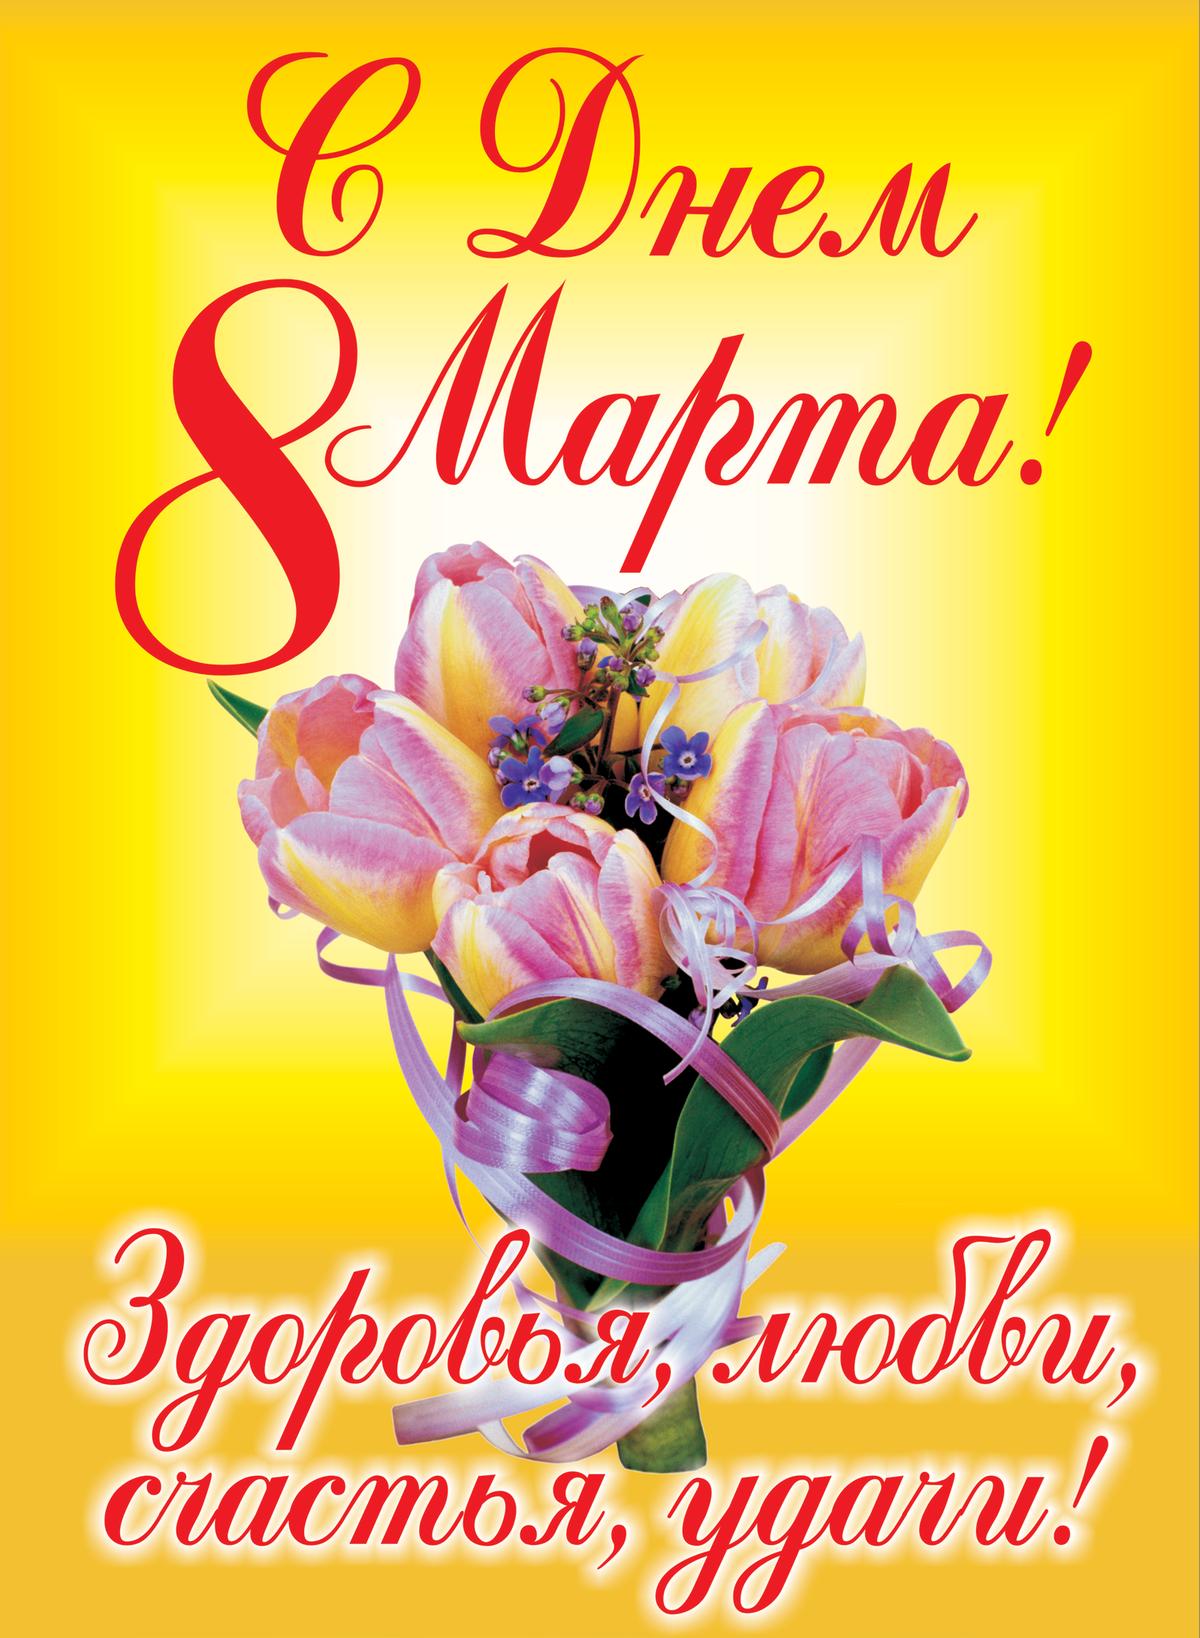 все открытка с праздником восьмое марта дополнительно украшается цветами